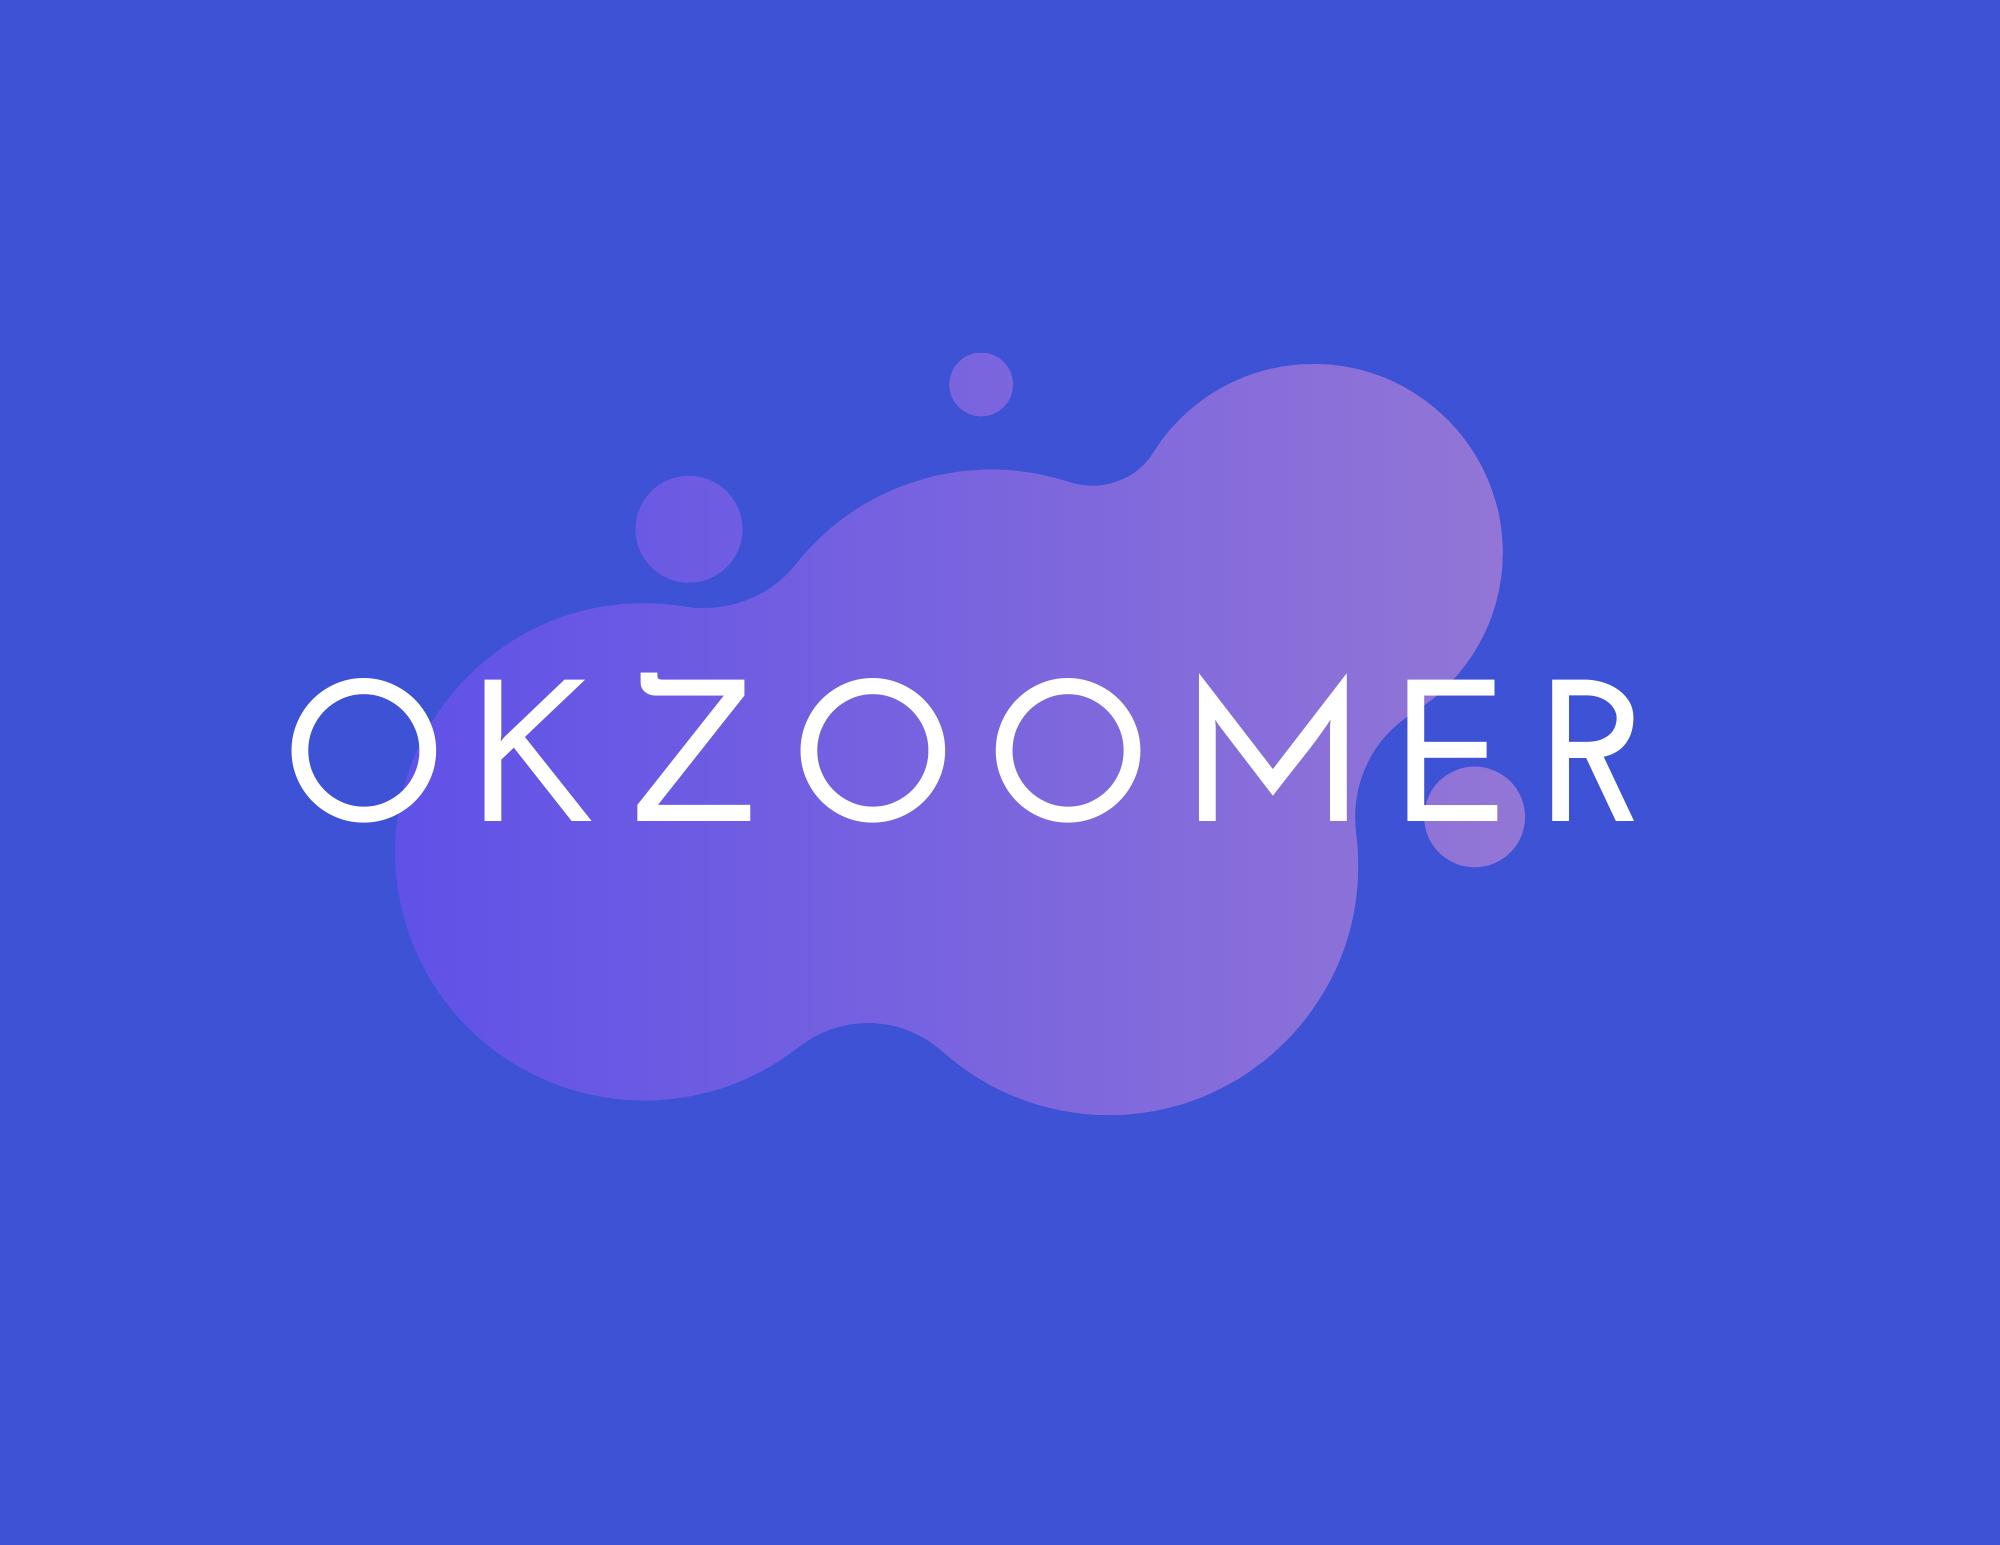 okzoomer